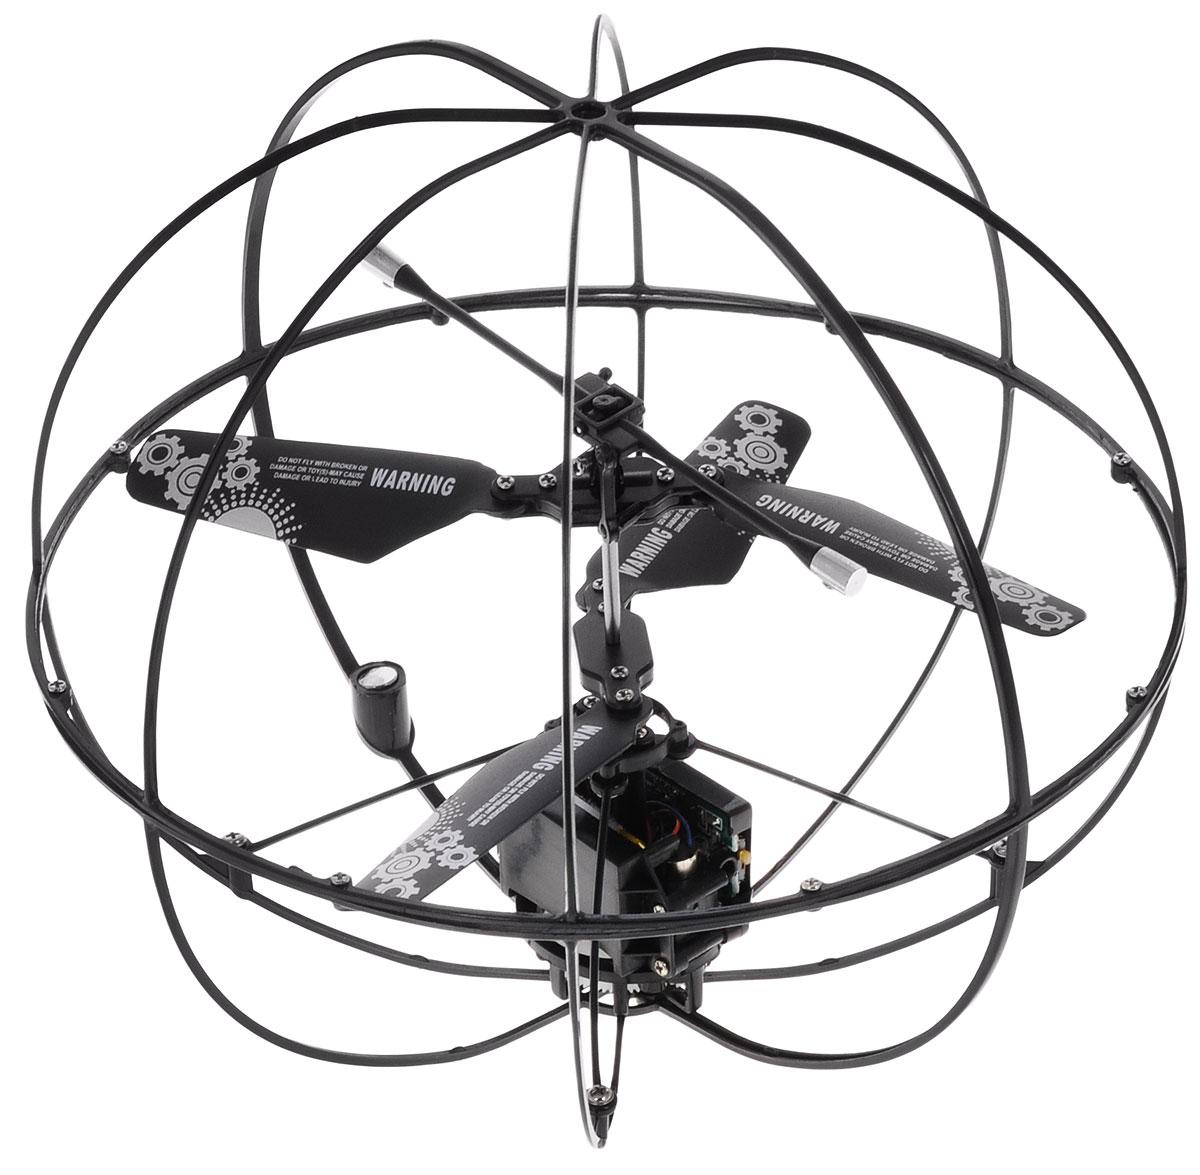 Bluesea Игрушка на инфракрасном управлении UFO